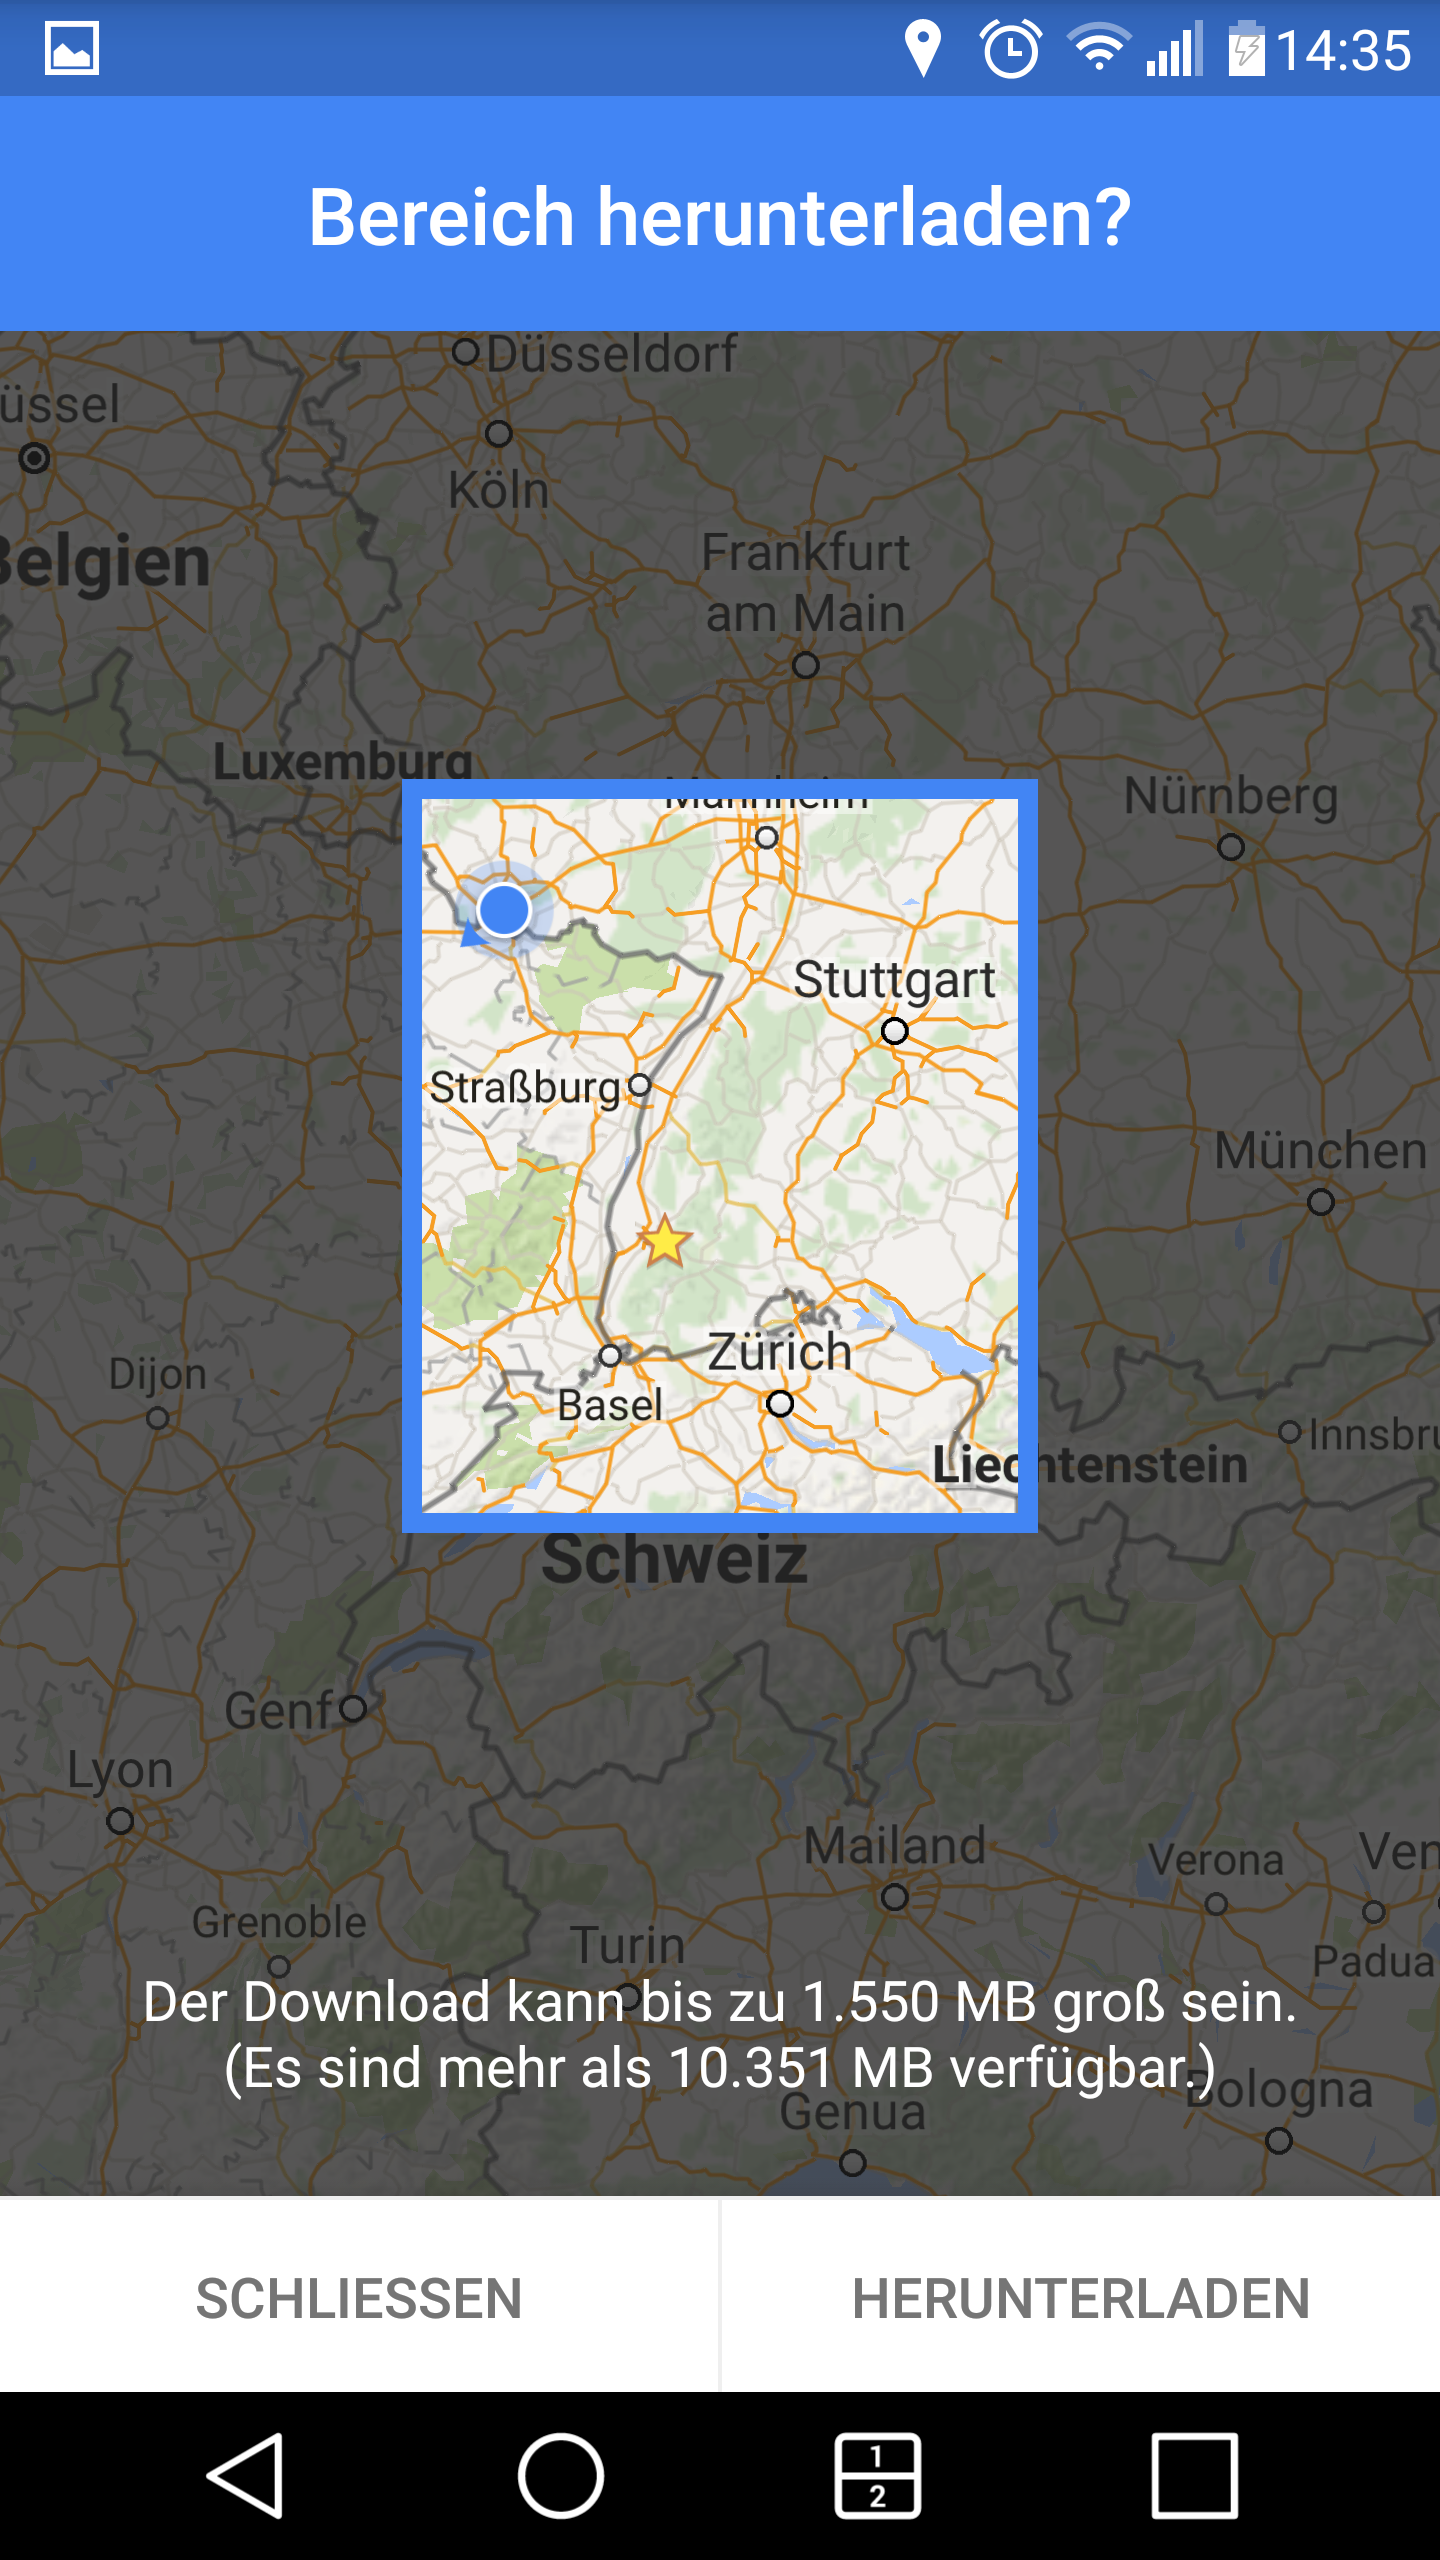 Offline-Karten in der Google Maps App speichern | MapsBlog.de on